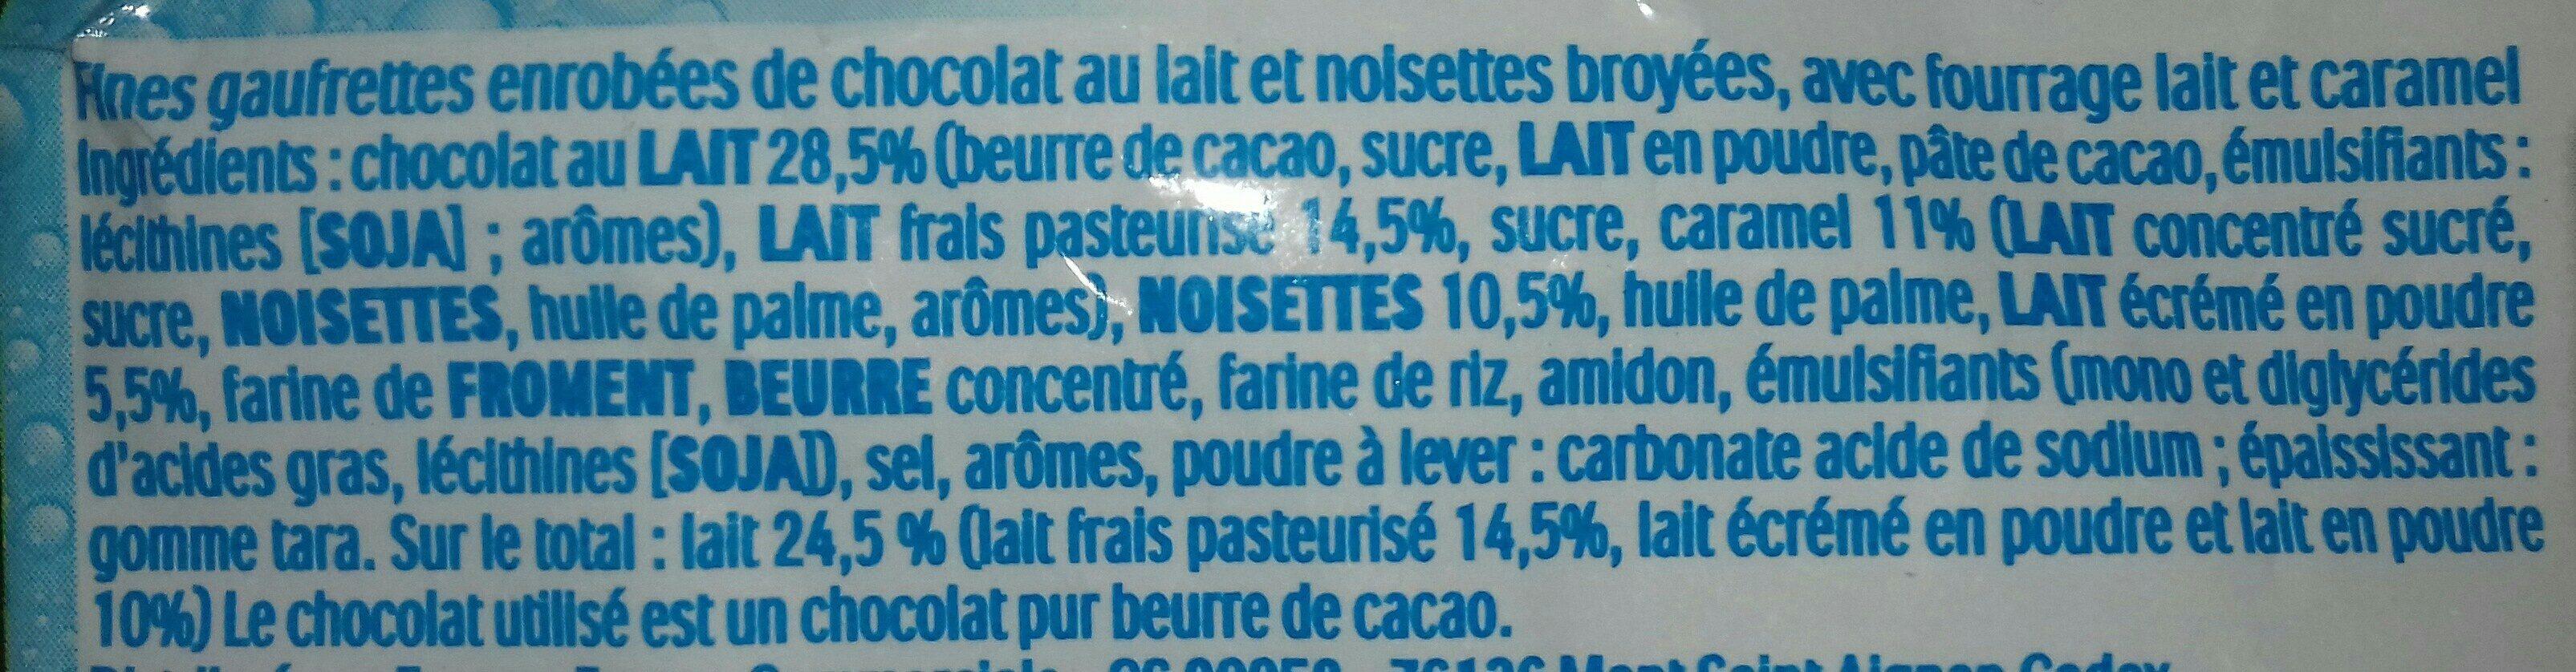 Kinder maxi king gouter frais fines gaufrettes enrobees de chocolat au lait et noisettes broyees, avec fourrage lait et caramel t3 pack de 3 etuis - Ingrédients - fr